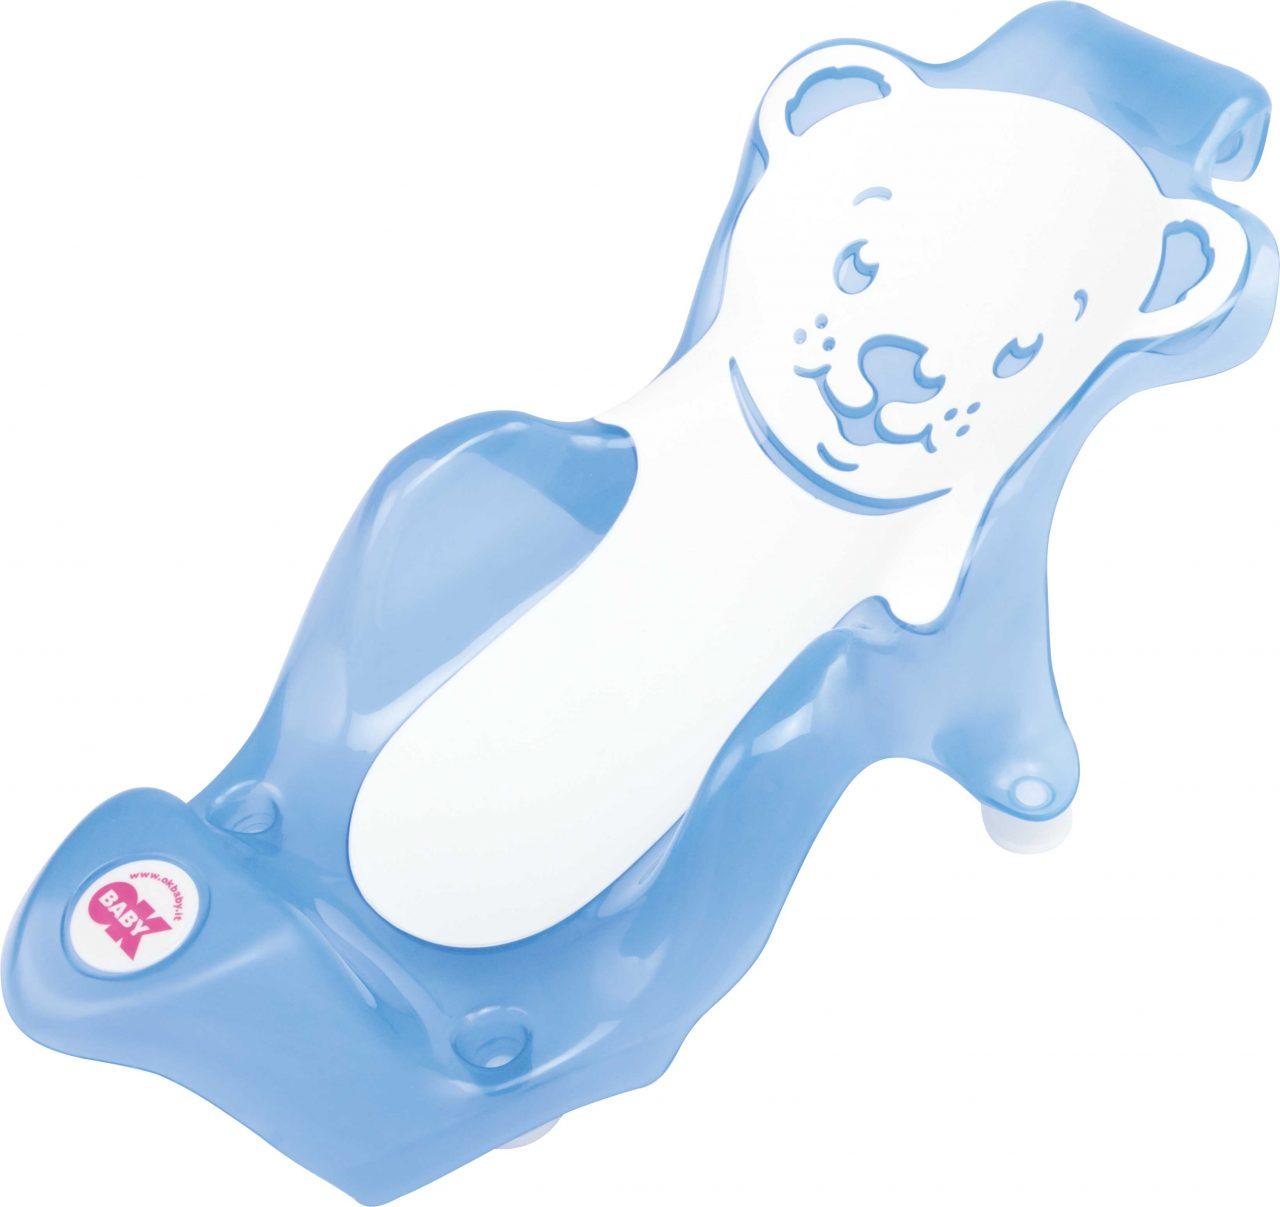 Bath support Buddy Blue